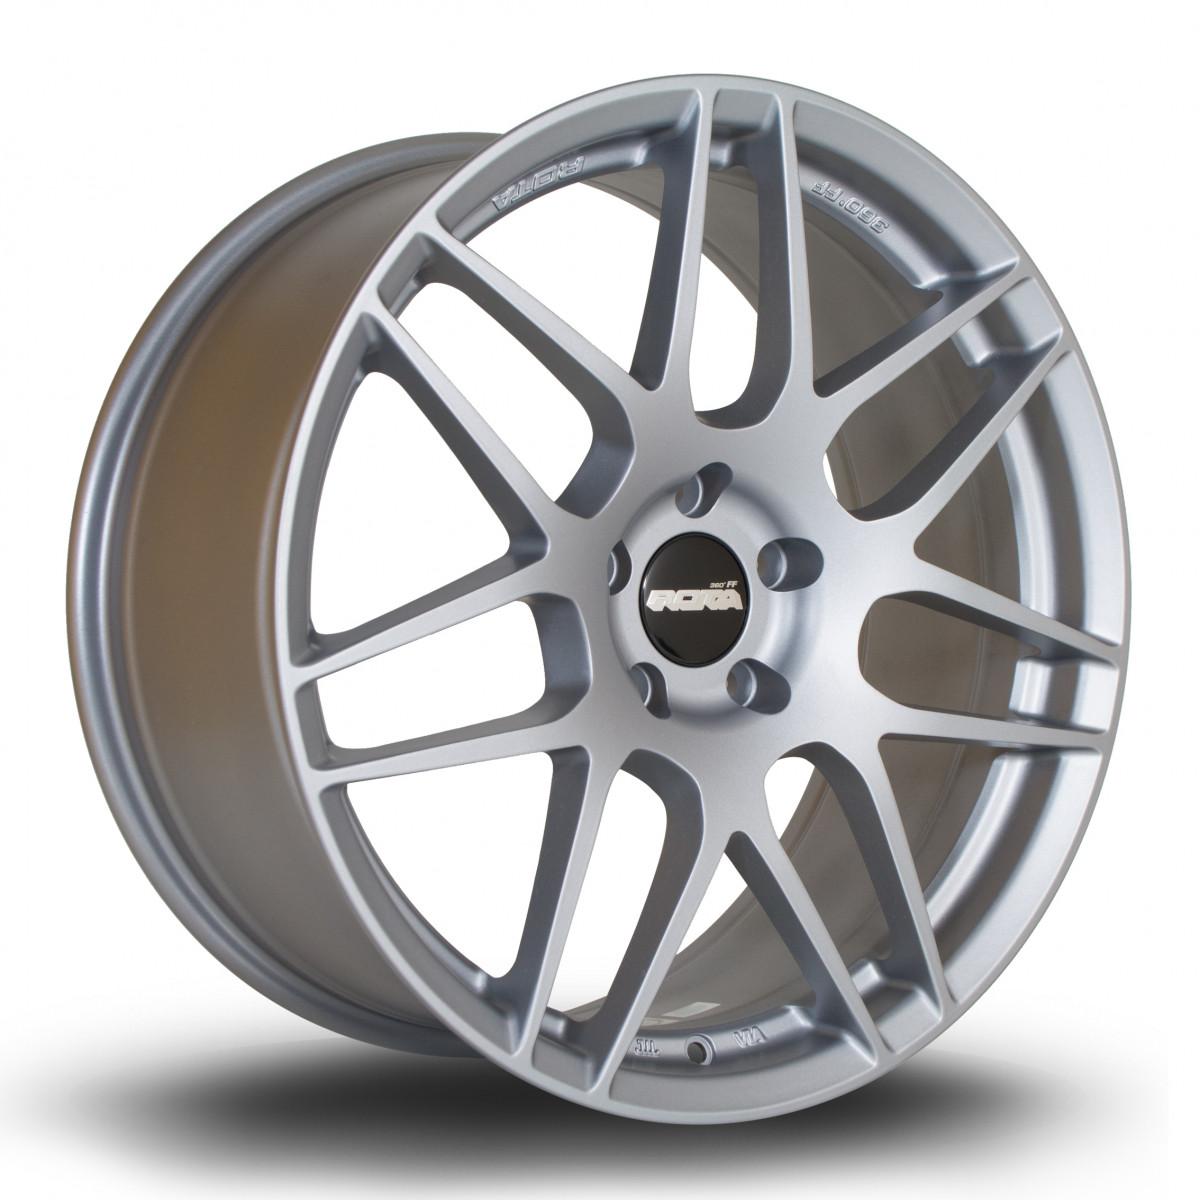 FF01 19x8.5 5x120 ET33 Granite Silver